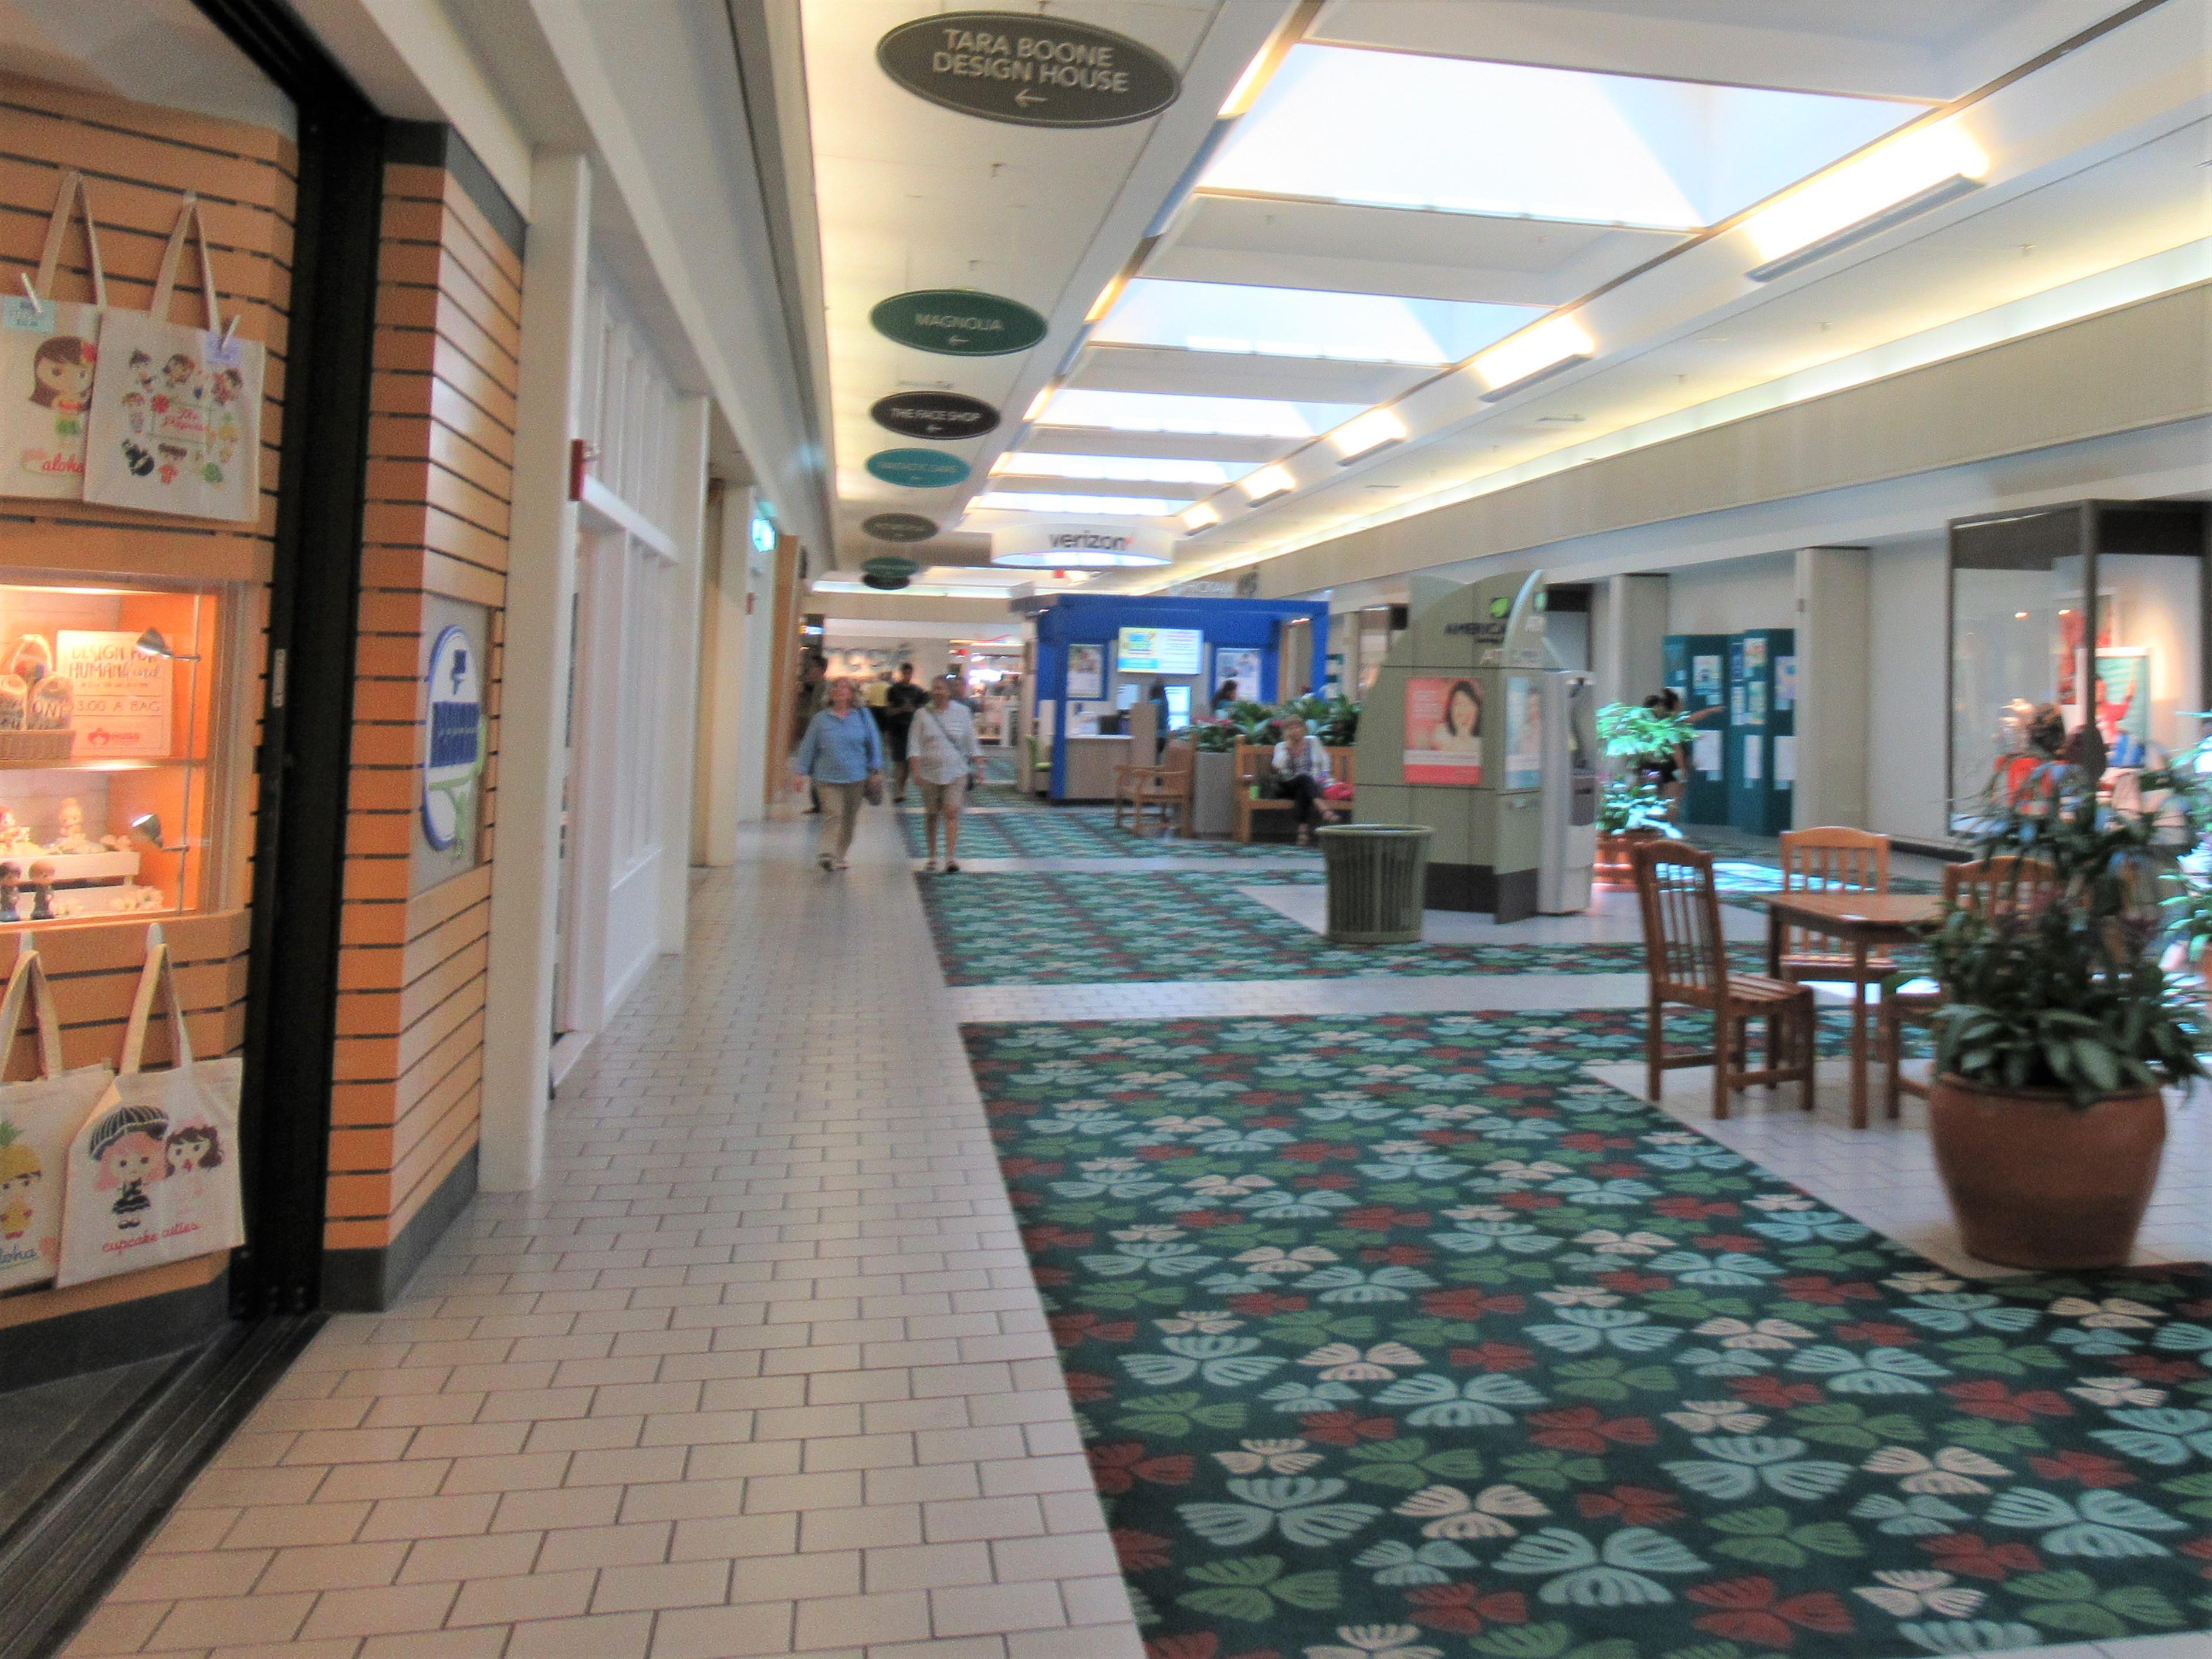 子連れハワイ|カハラモールで子どもが楽しめる店をブログで紹介